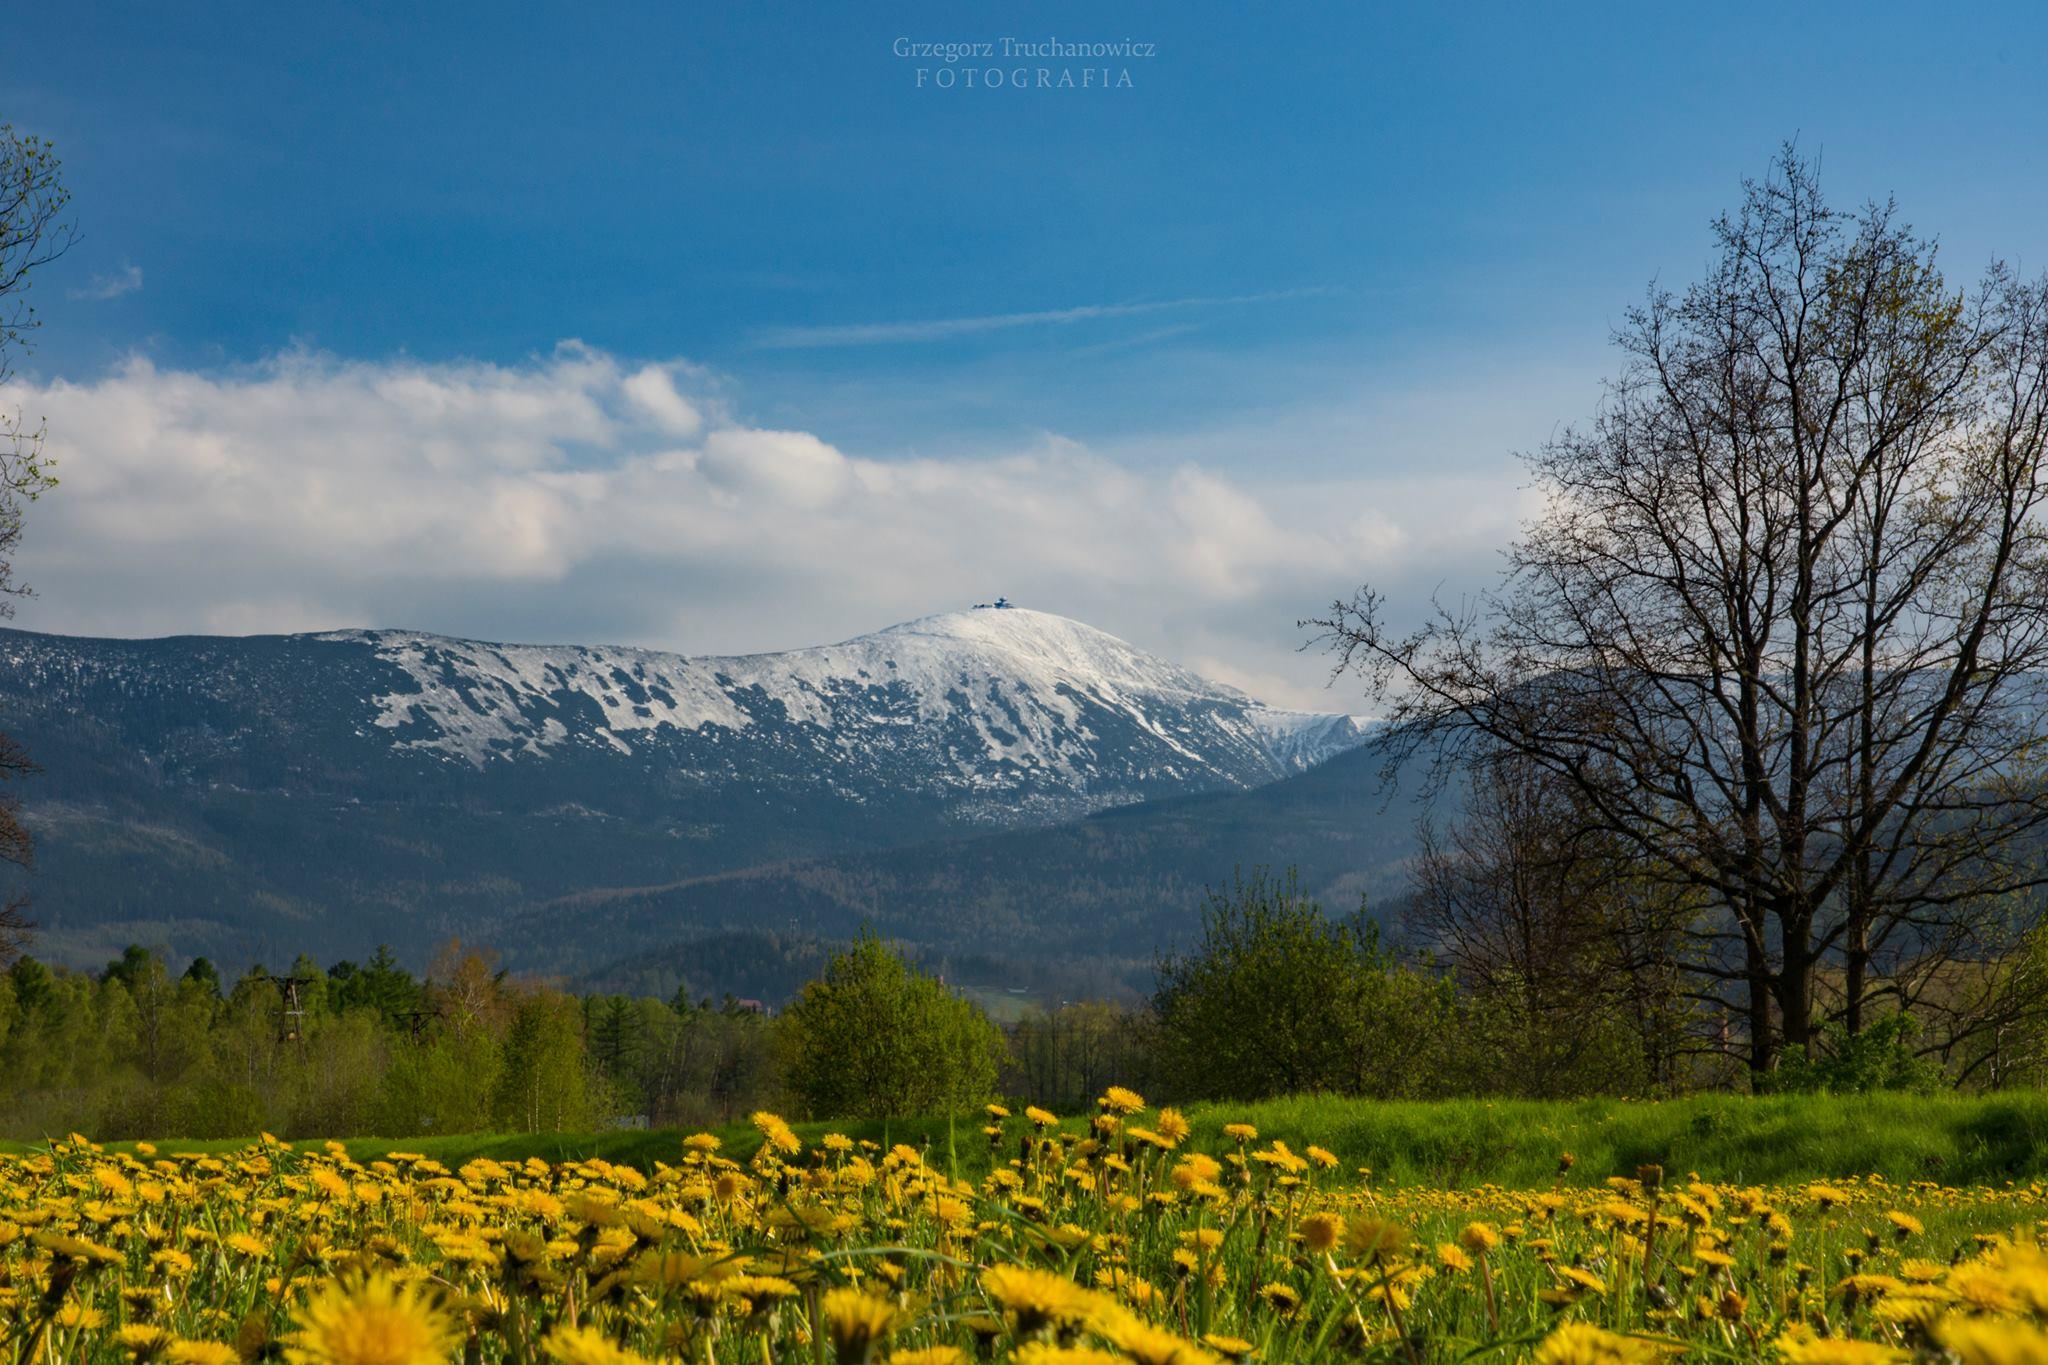 """Warsztaty zielarskie """"Powrót do natury w pięknej scenerii Karkonoszy"""" 22-24 maja 2020"""